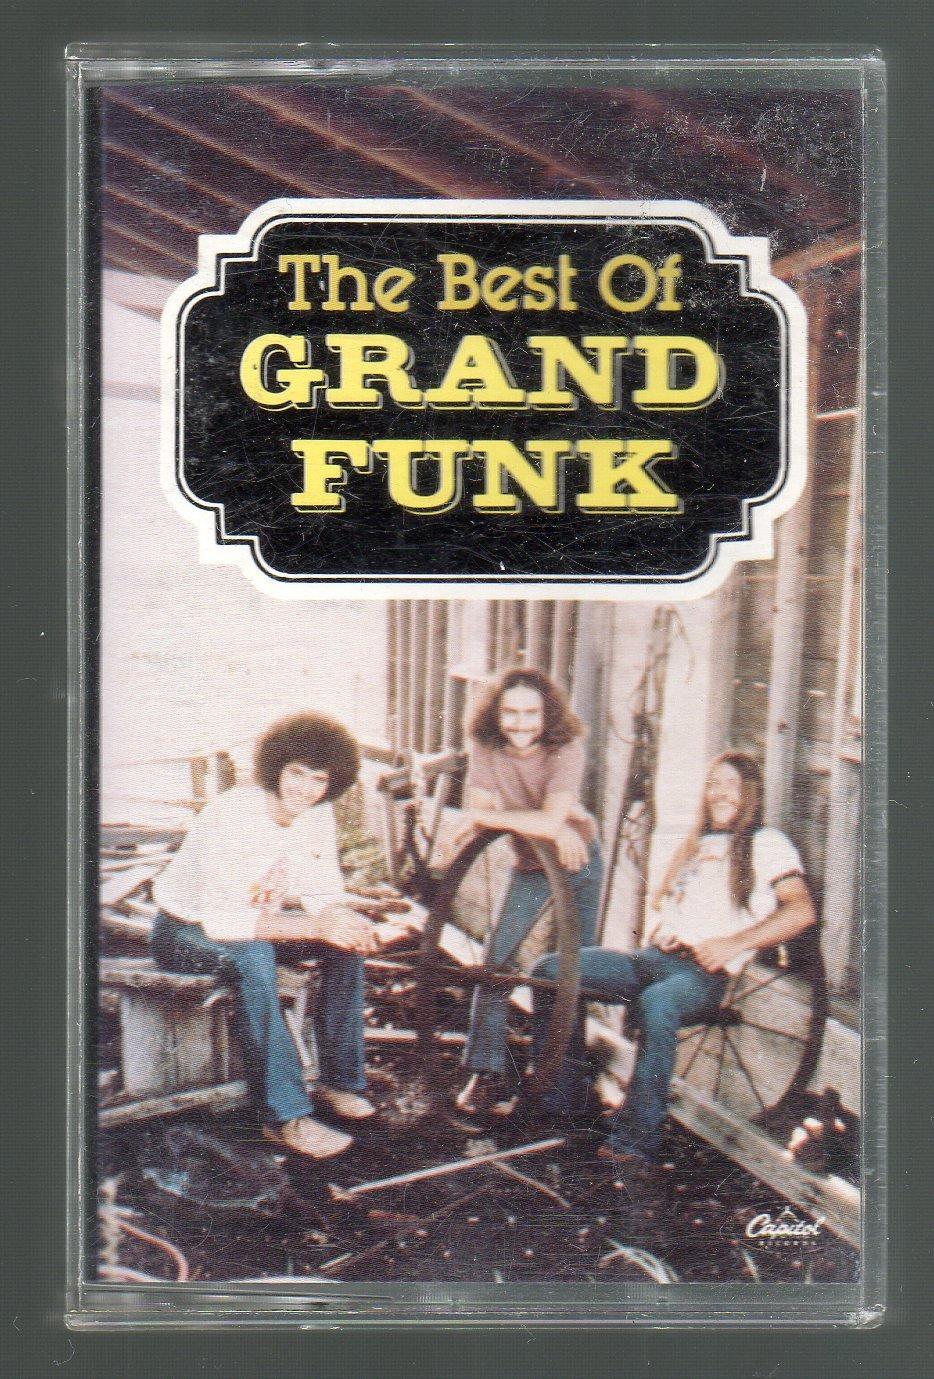 Grand Funk Railroad - The Best Of Grand Funk Cassette Tape